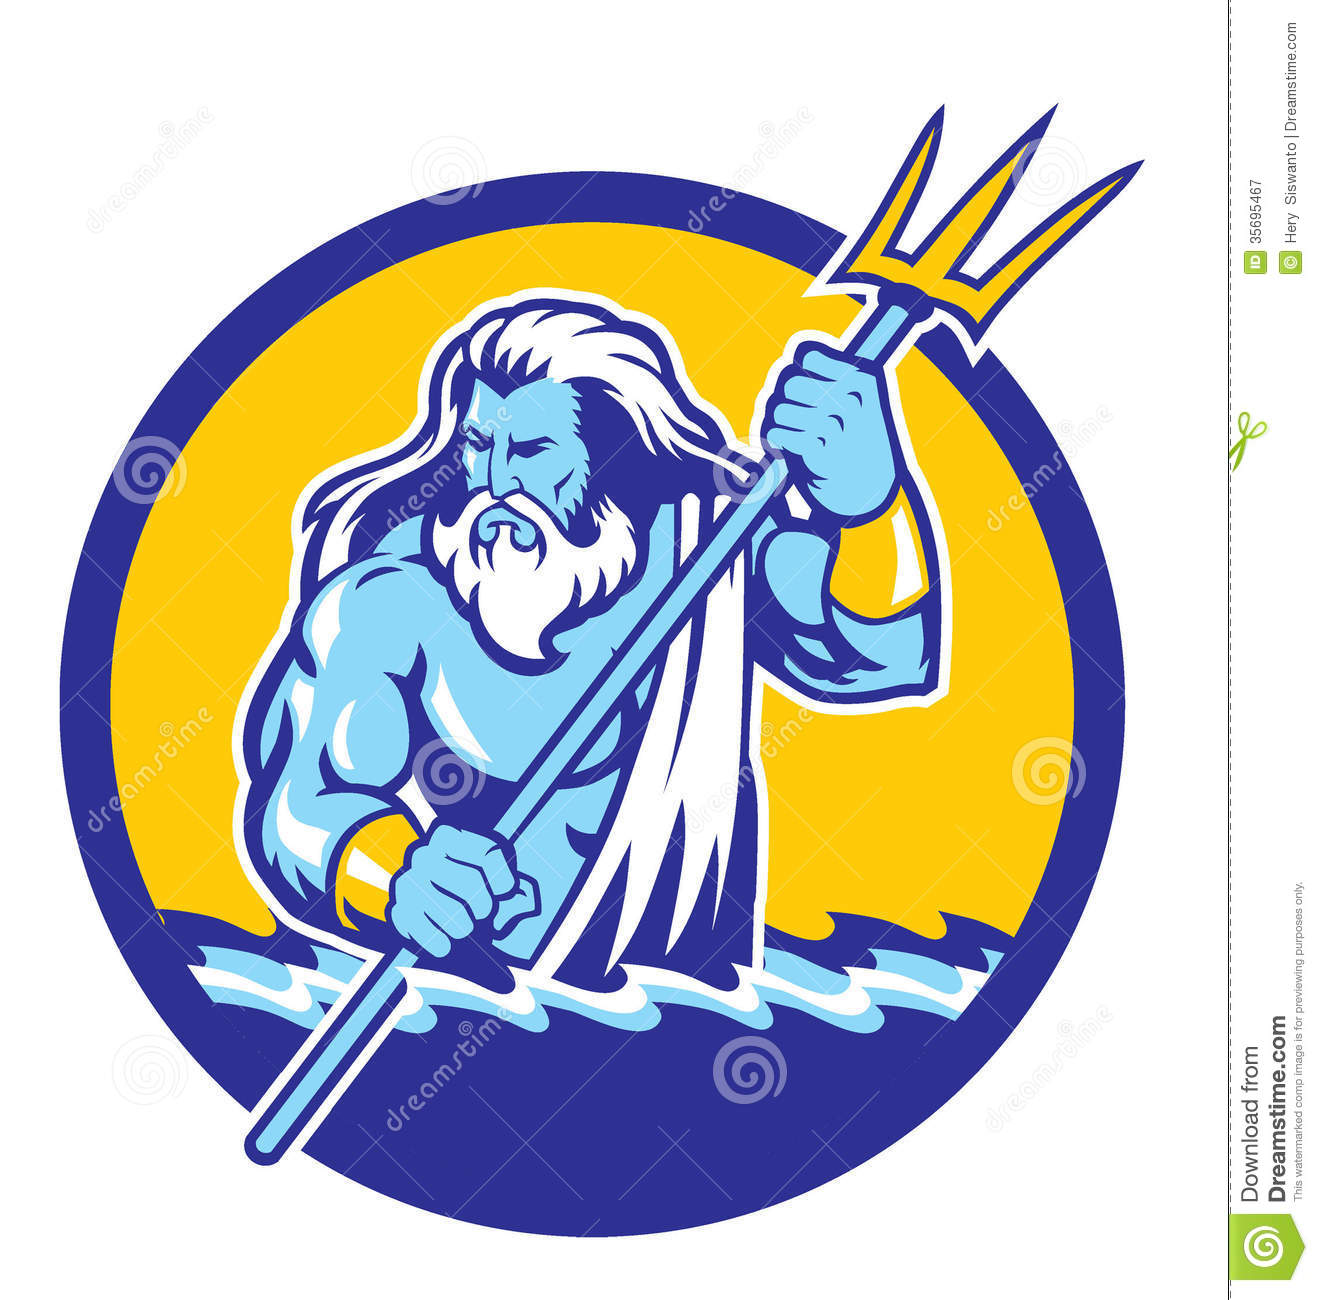 Poseidon Royalty Free Stock Photography